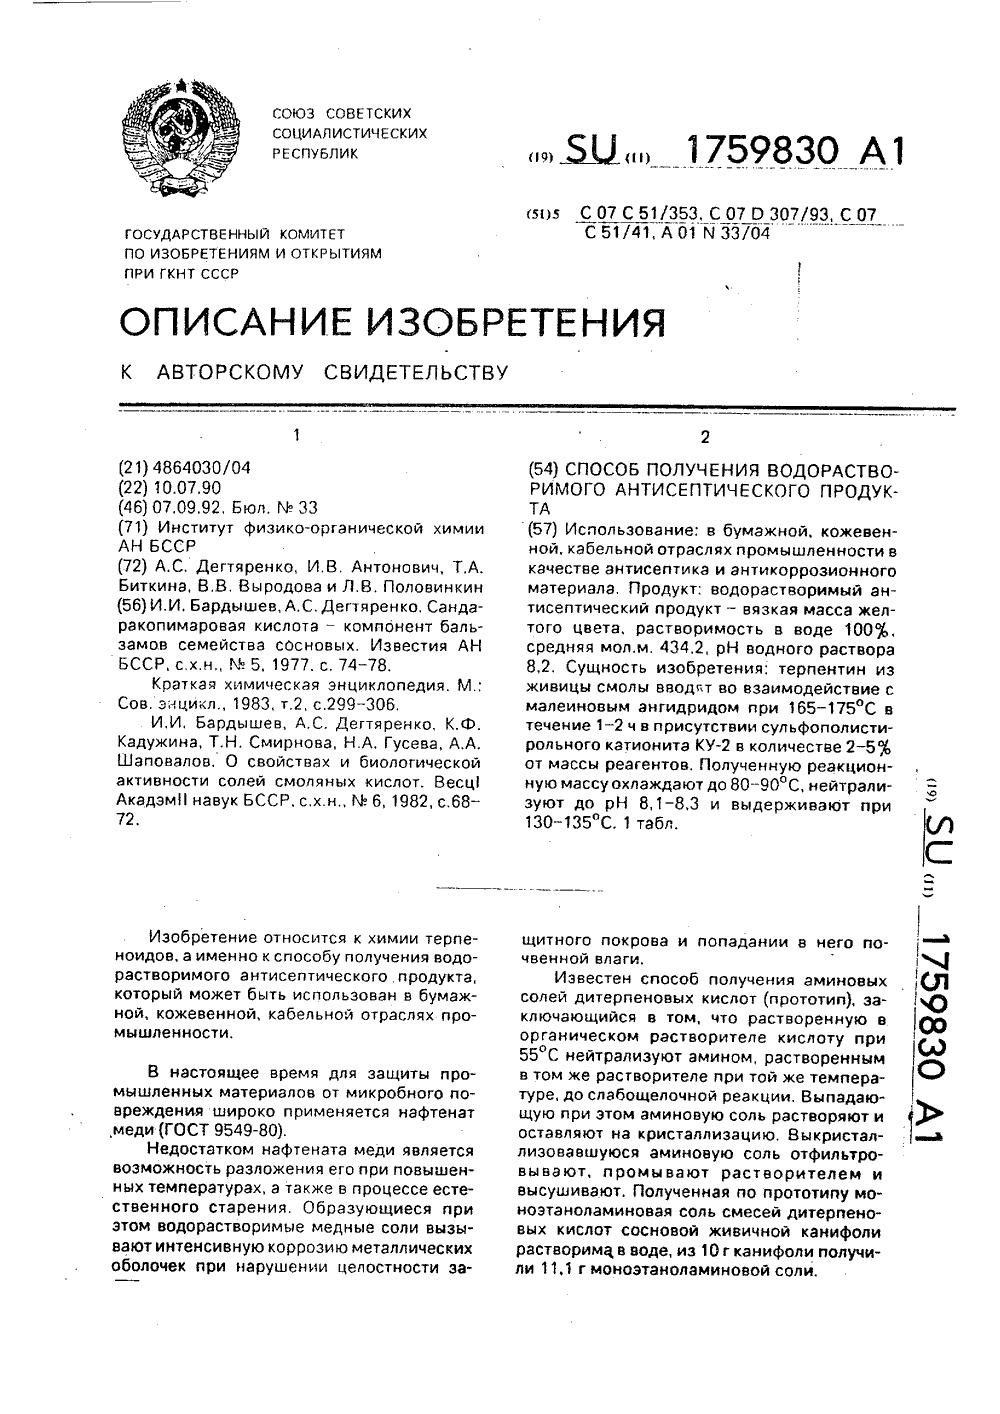 Эргометрин